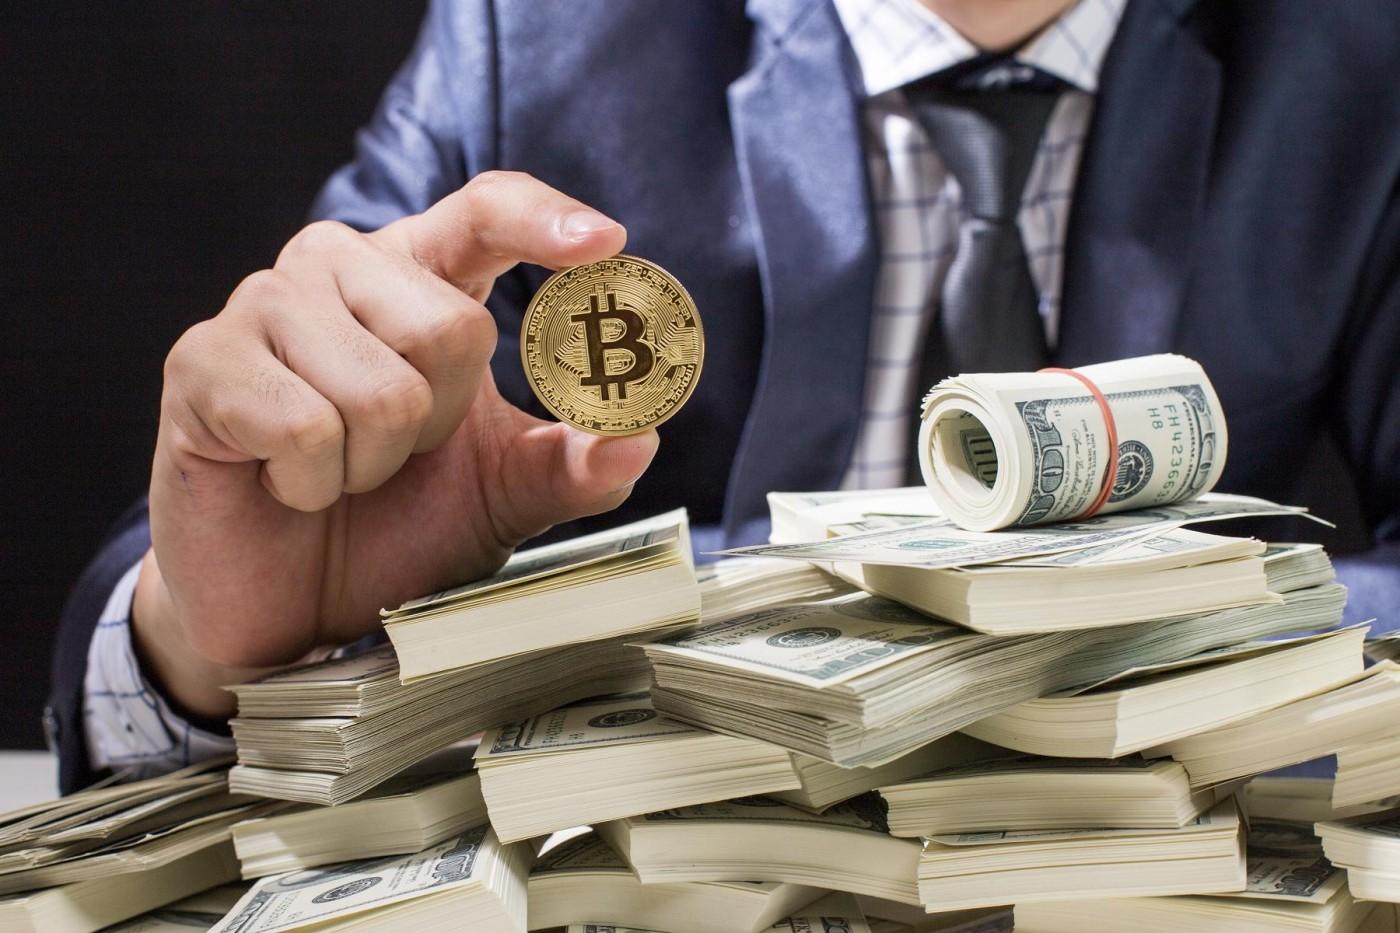 比特幣狂熱造就的獨角獸──交易平台Coinbase年營收近300億,投資客瘋搶股票